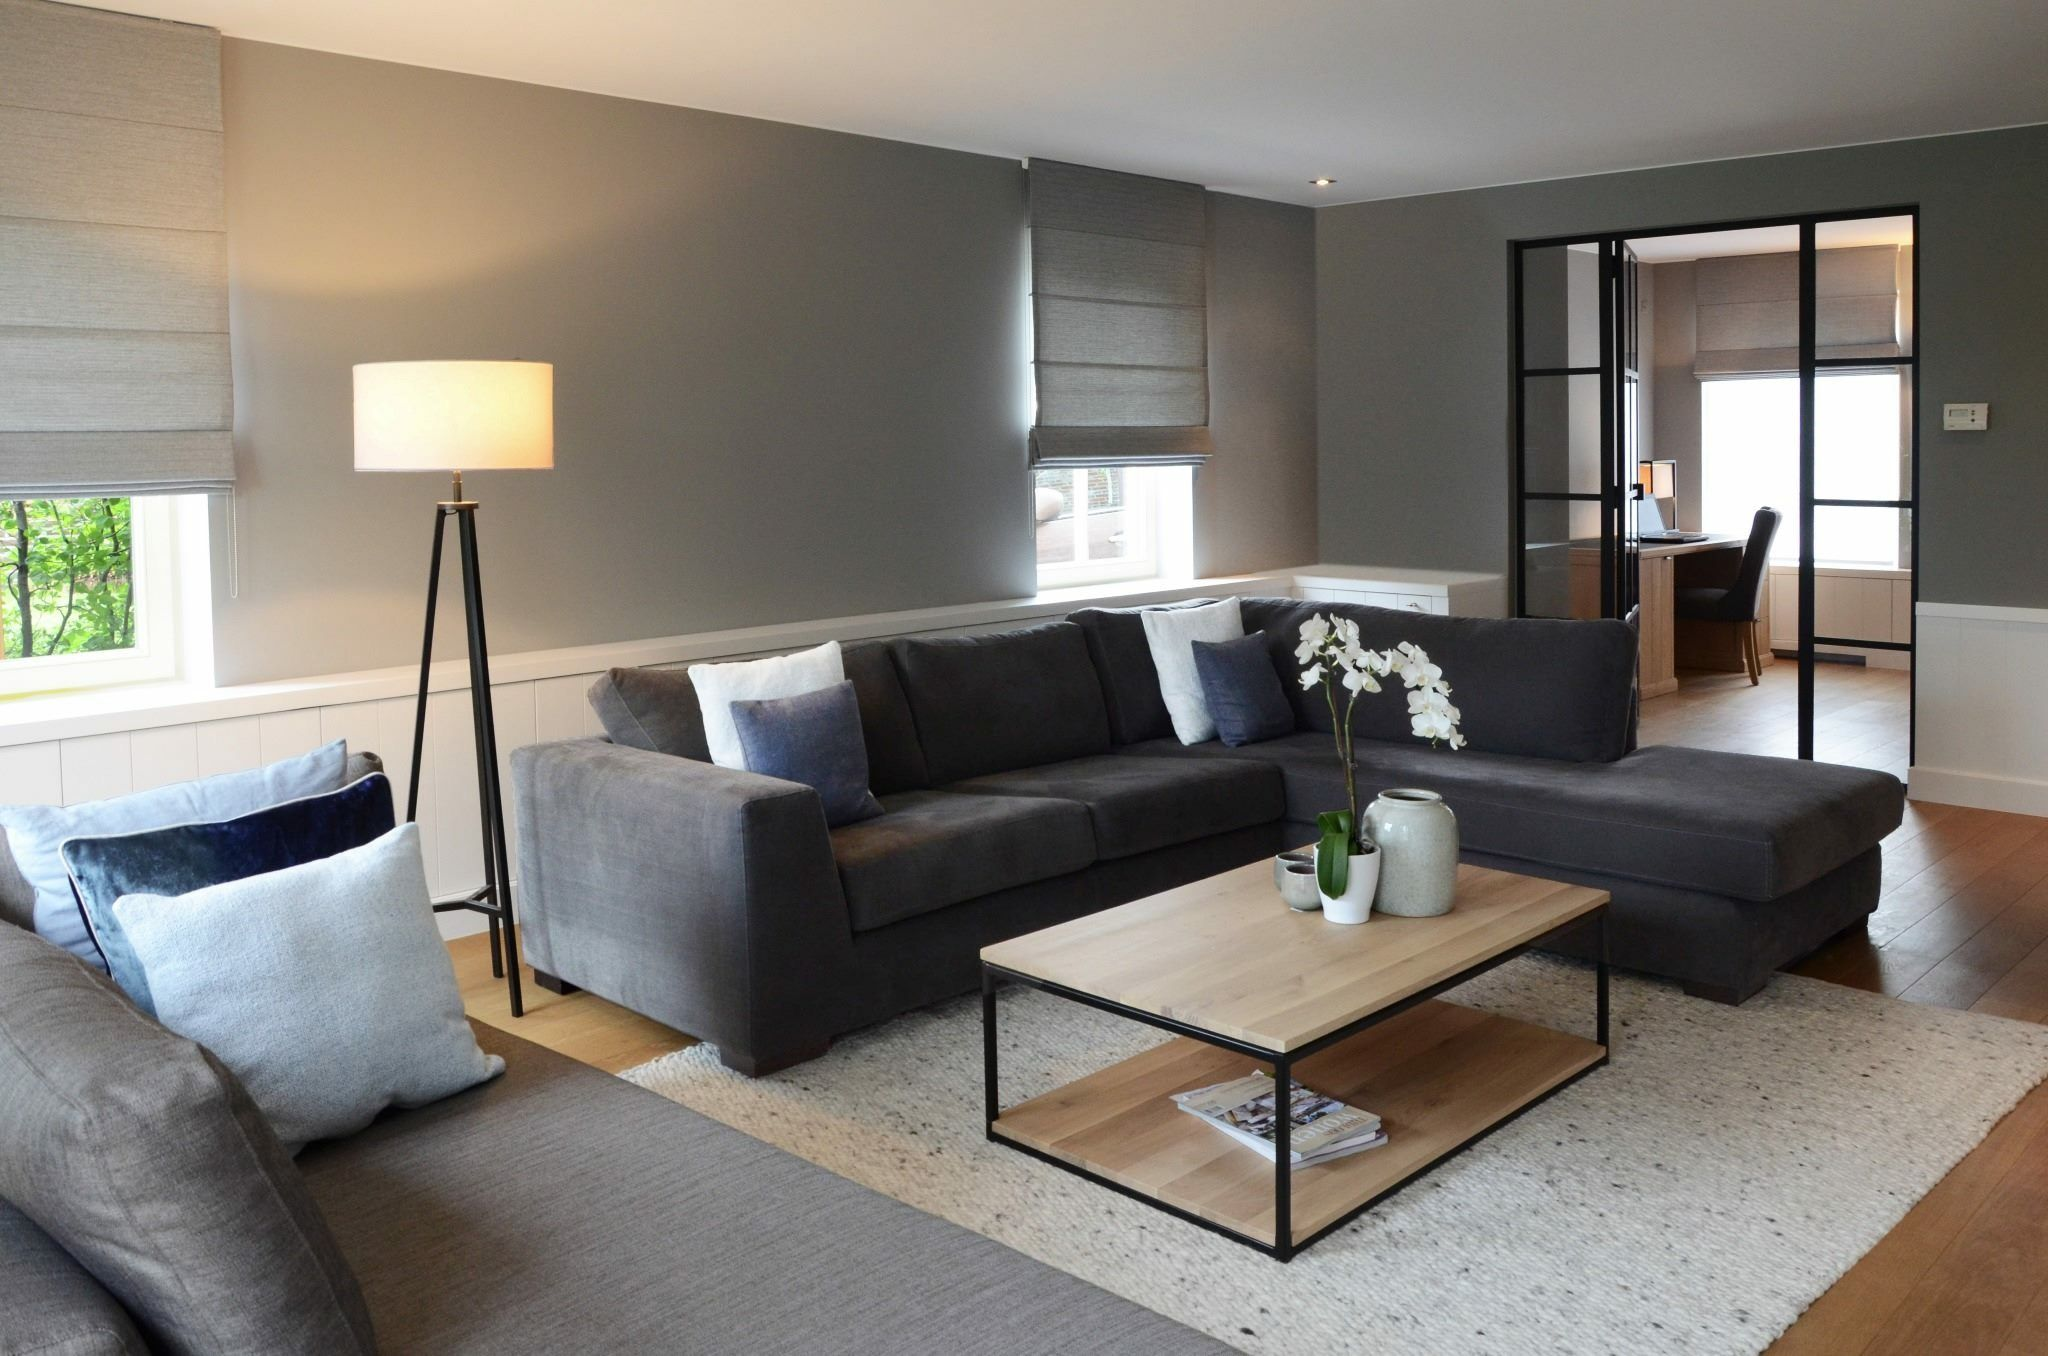 Pin van shari robijns op home | Pinterest - Interieur, Huiskamer en ...